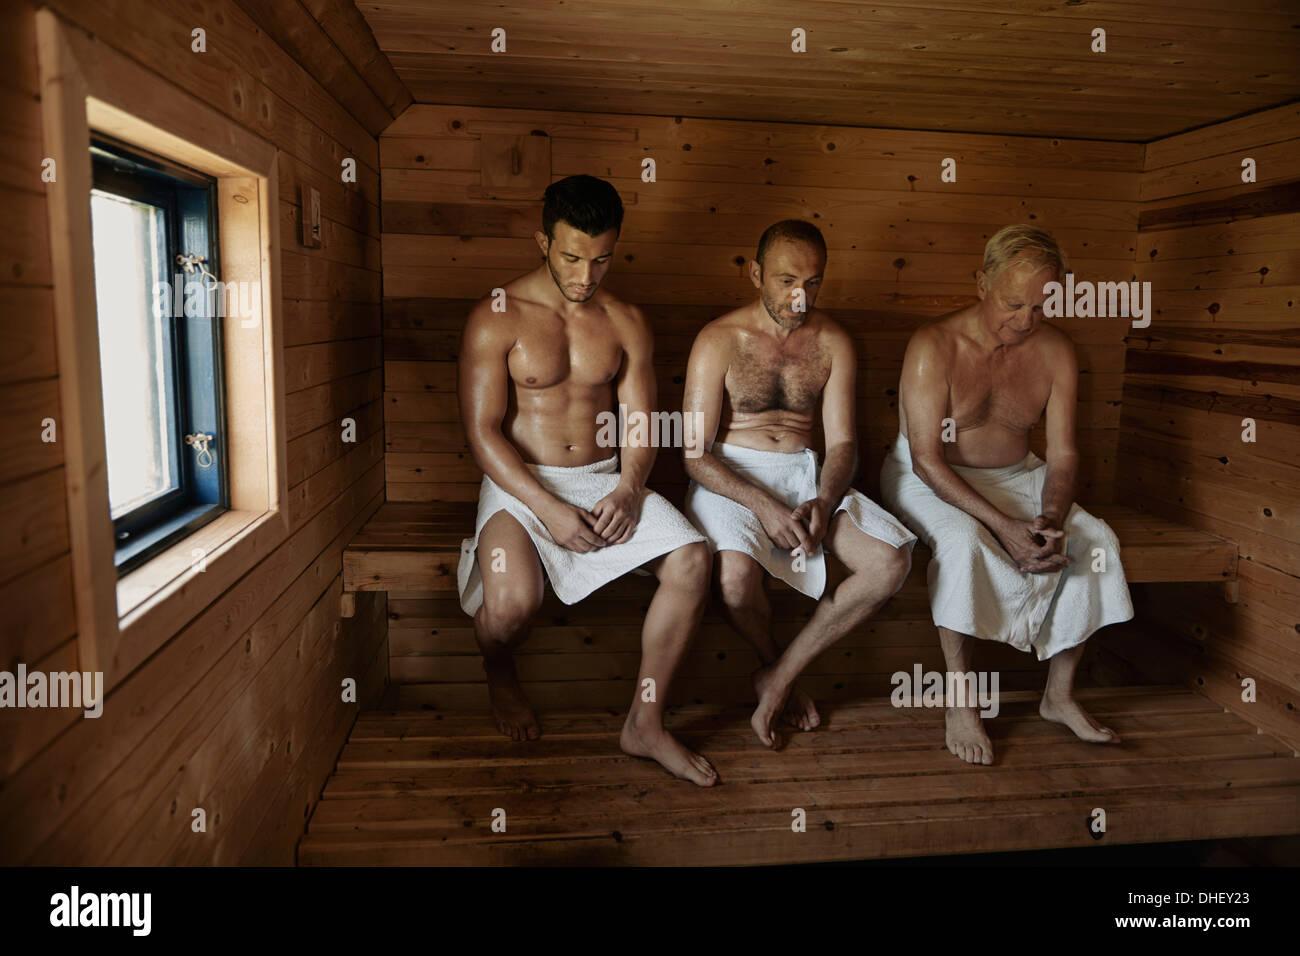 Фото в бане парни